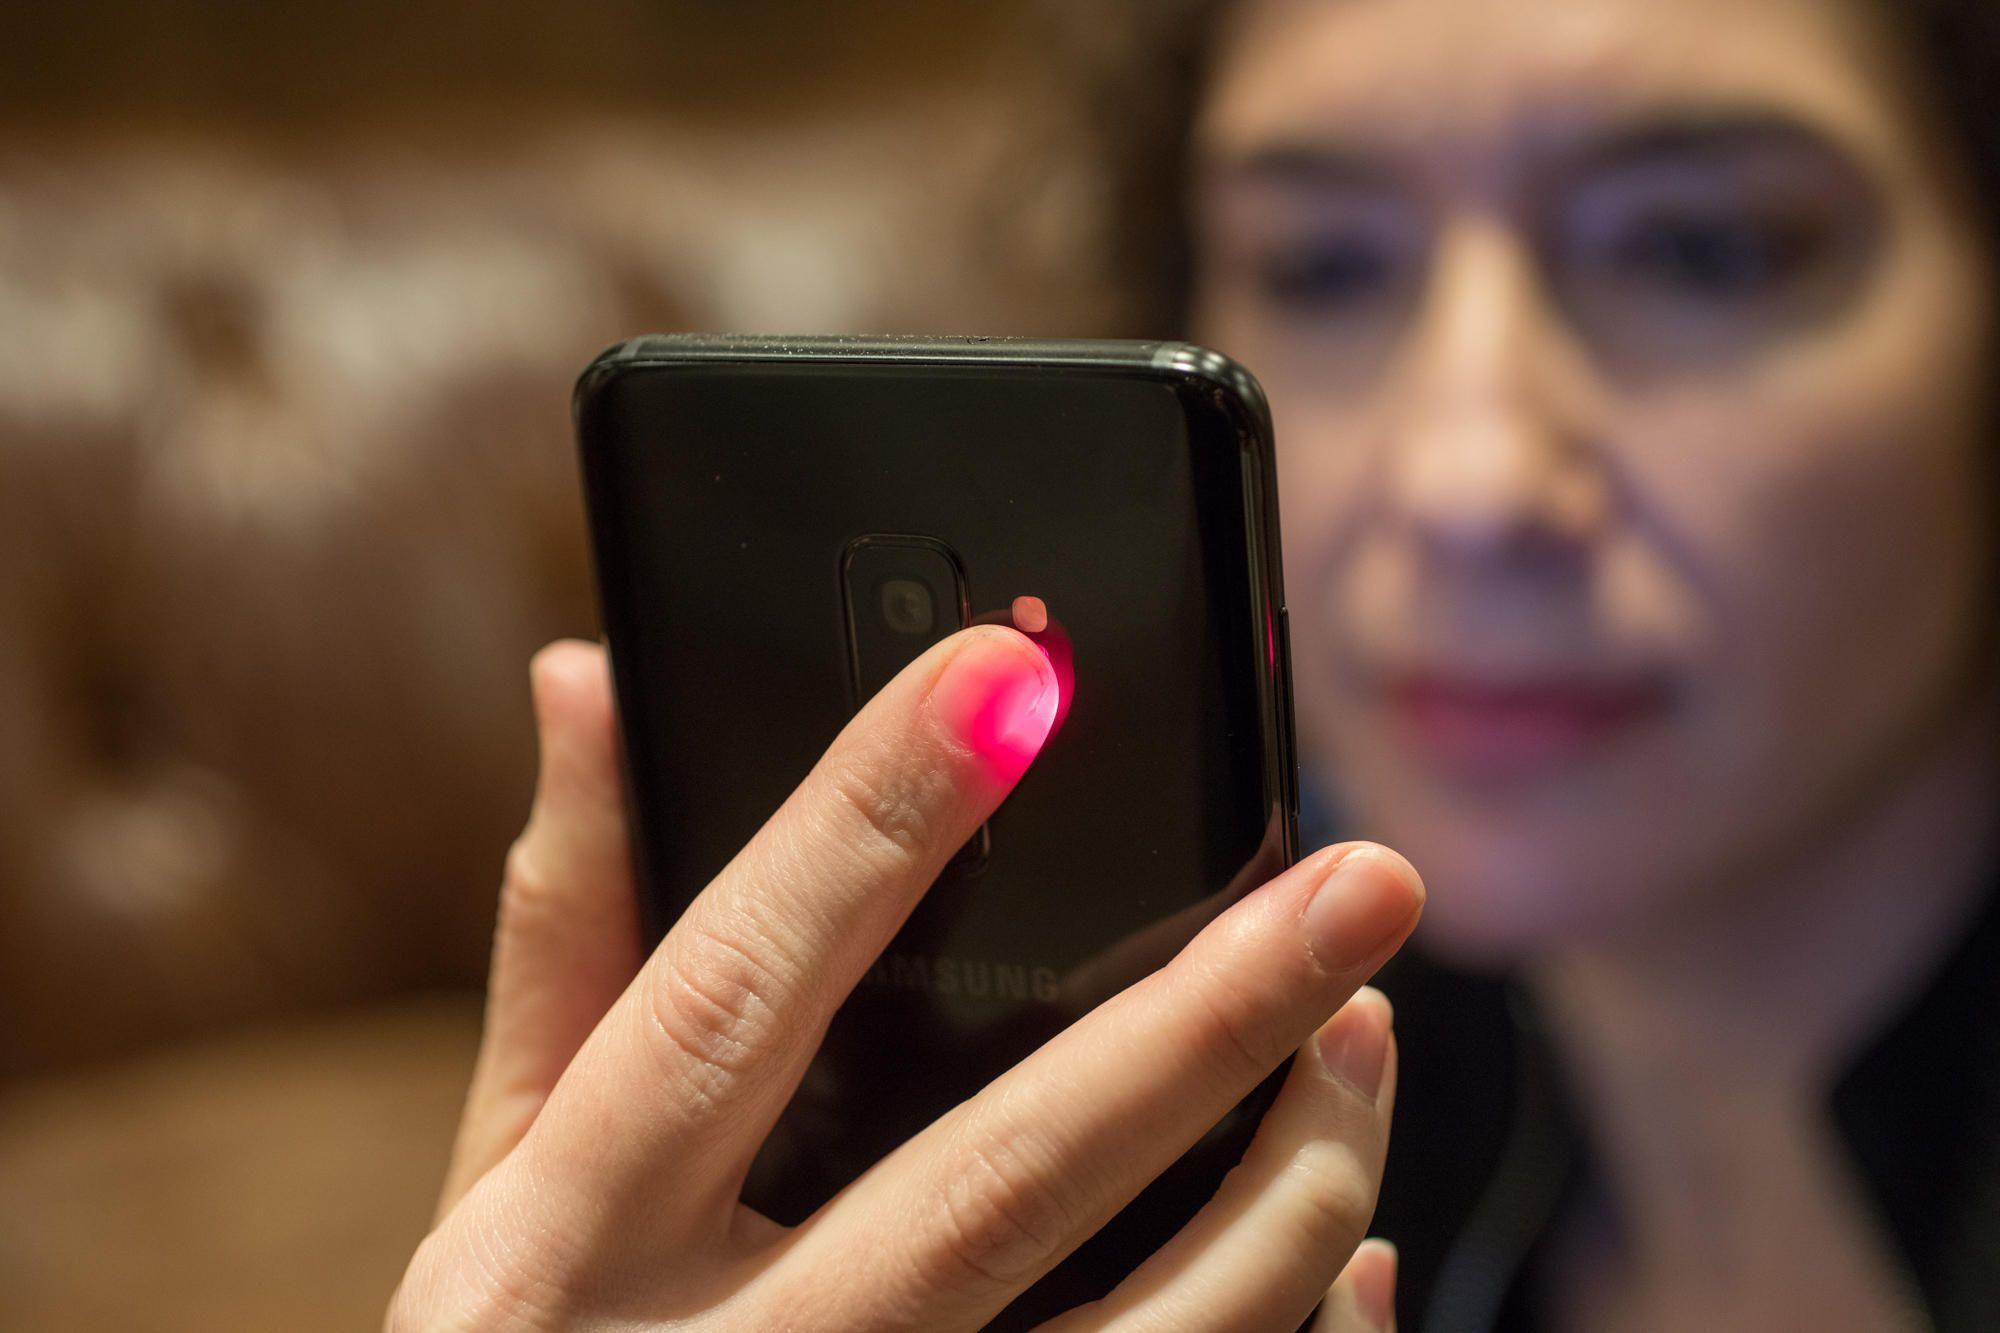 Galaxy Note 9 vẫn thiếu vắng công nghệ bảo mật được mong đợi